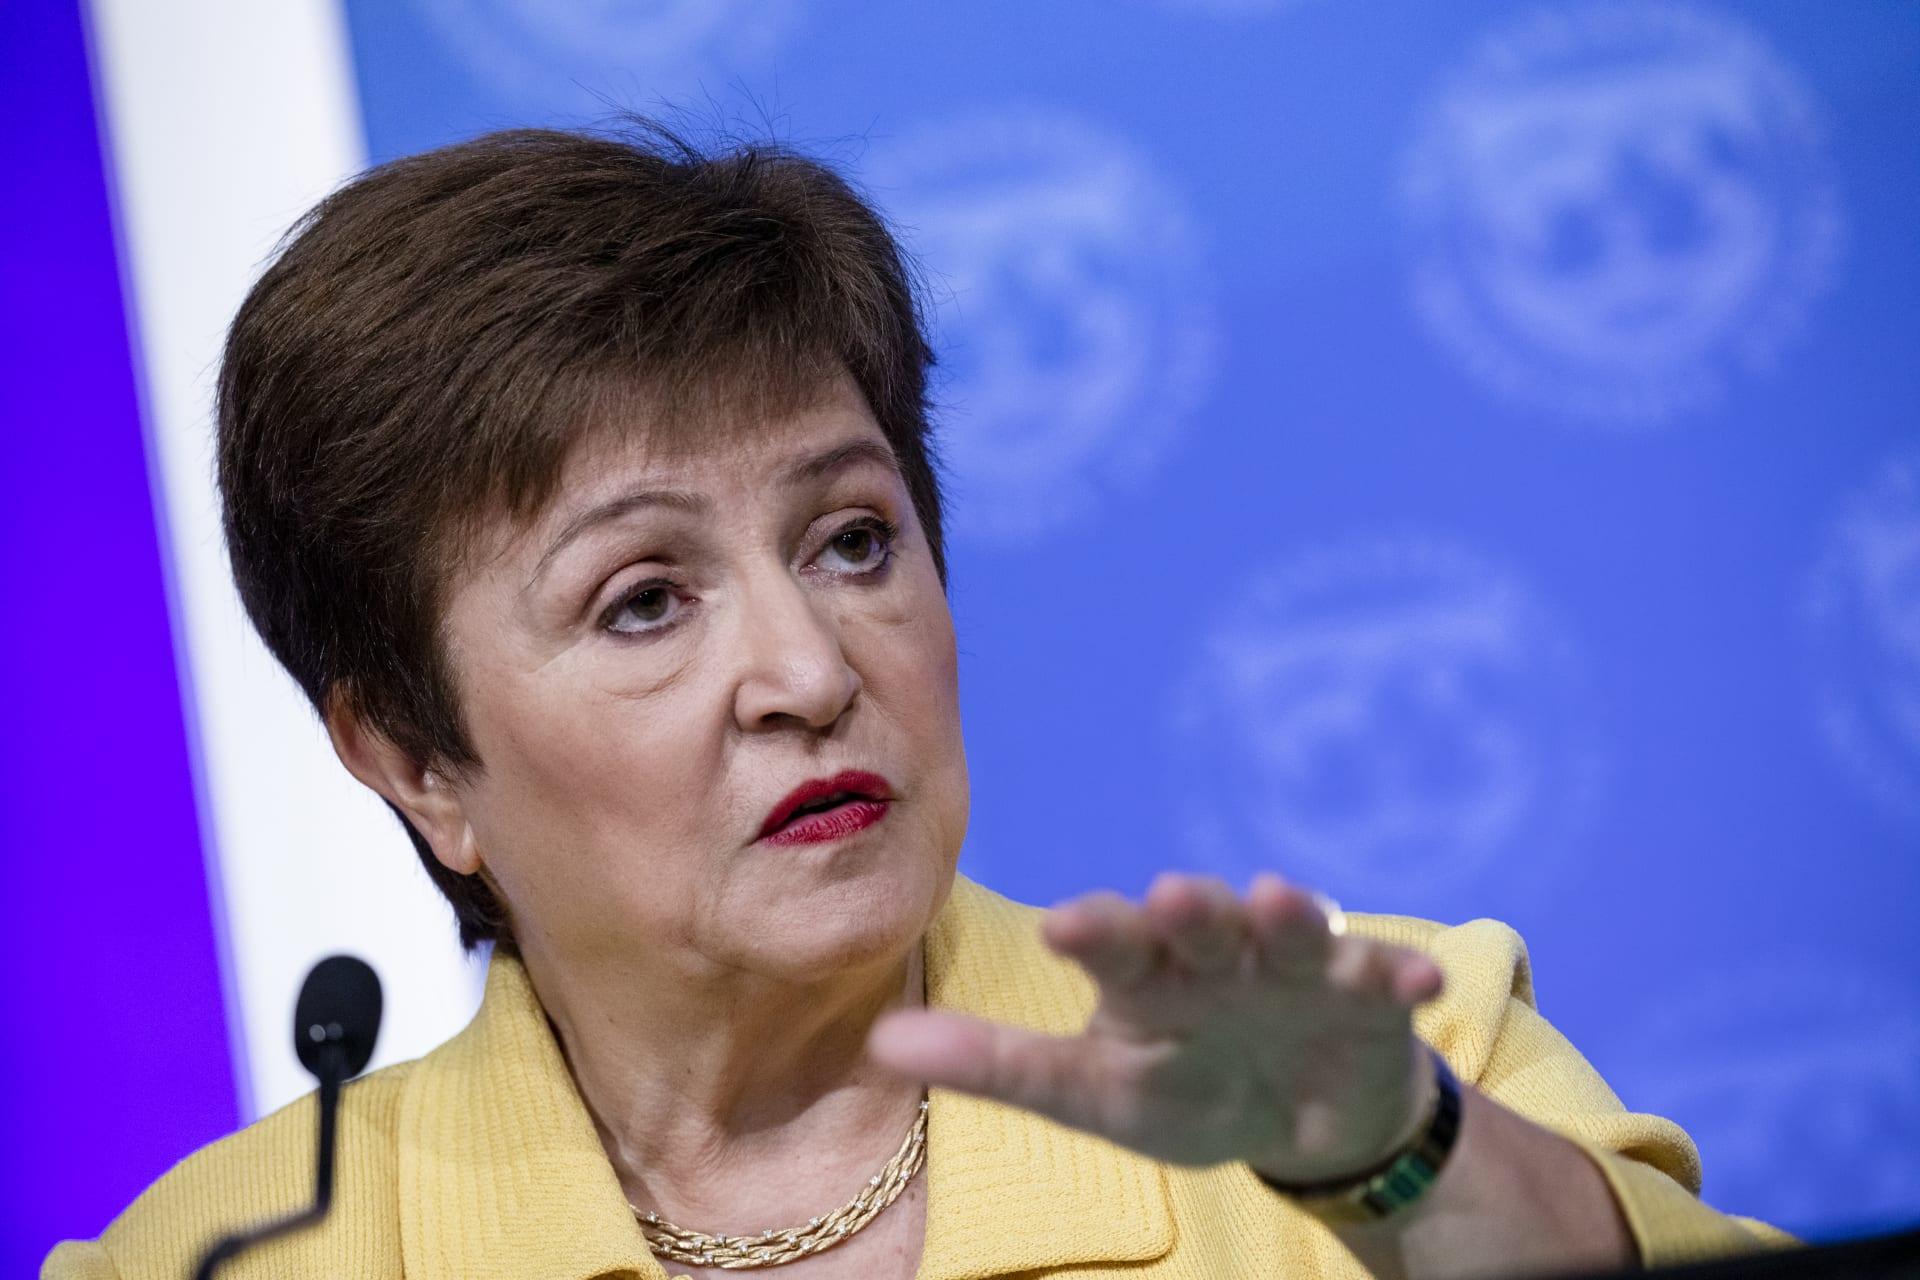 """النقد الدولي: الأزمة لم تنته ولكن.. الاقتصاد العالمي في وضع """"أقل خطورة"""" من قبل"""